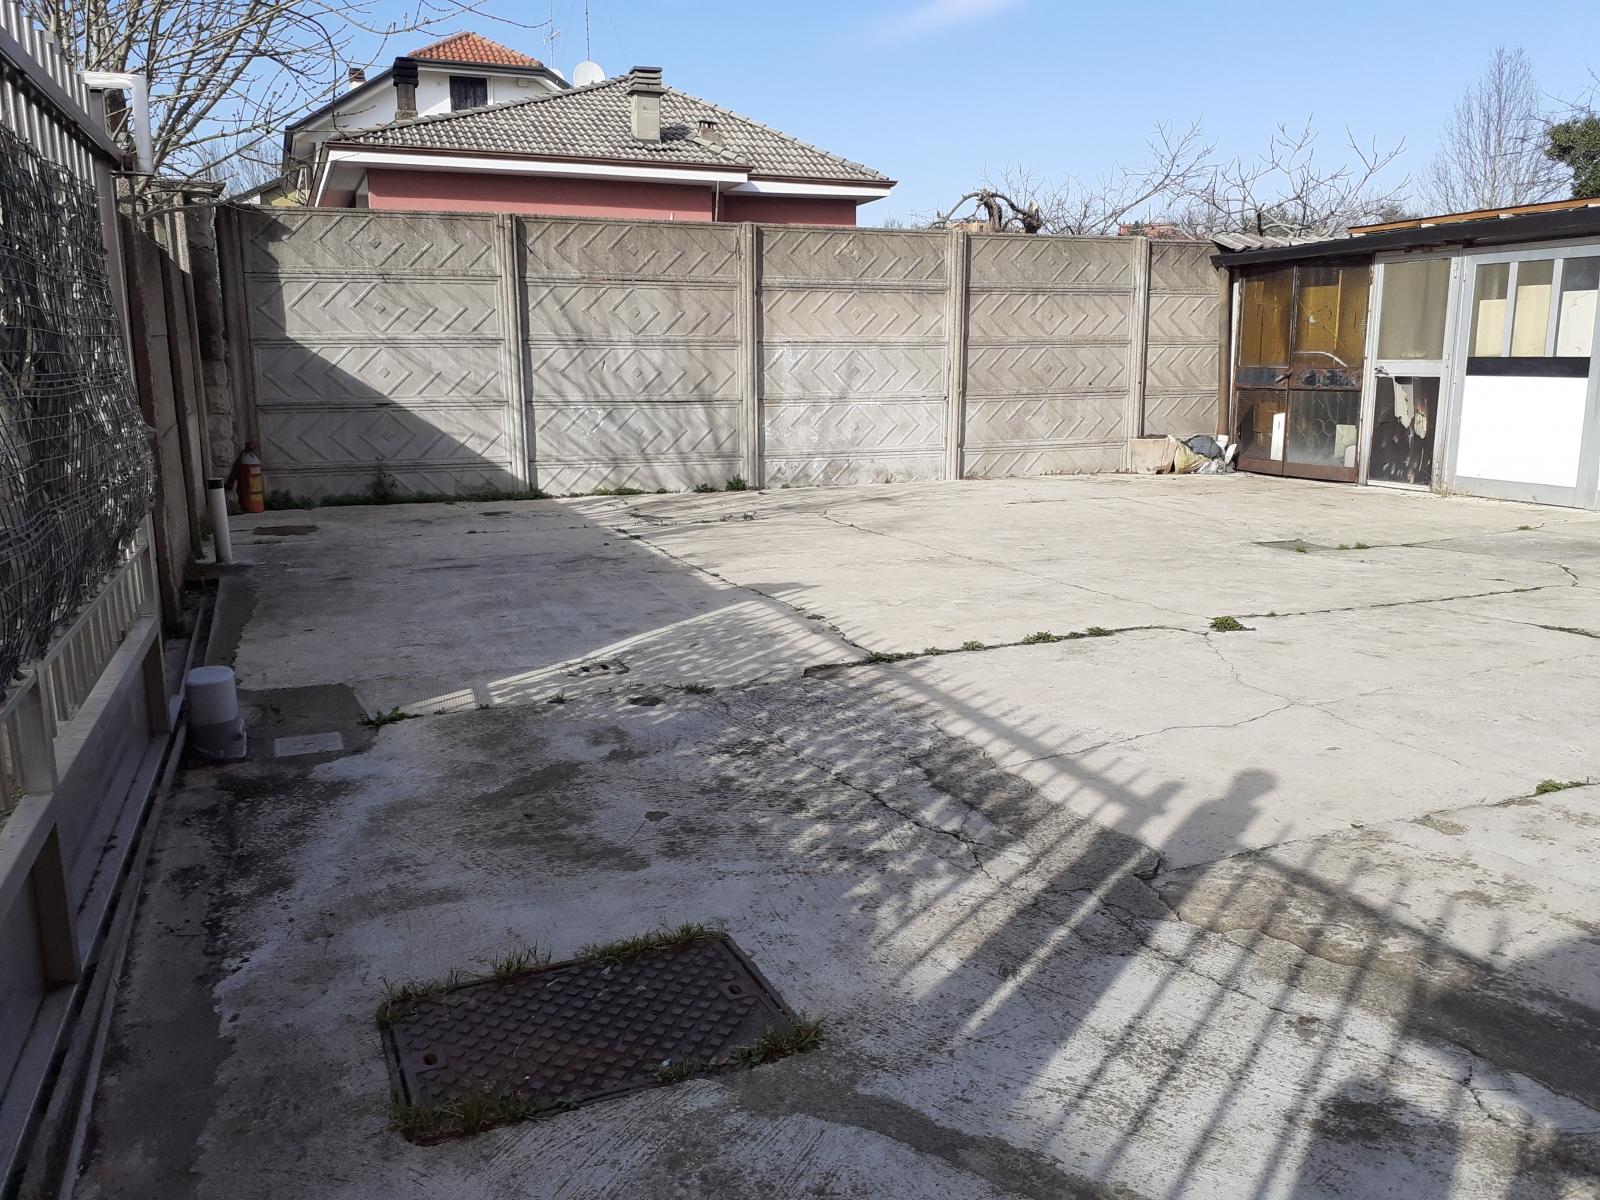 appartamento-in-vendita-a-cornaredo-milano-3-locali-trilocale-spaziourbano-immobiliare-vende-24